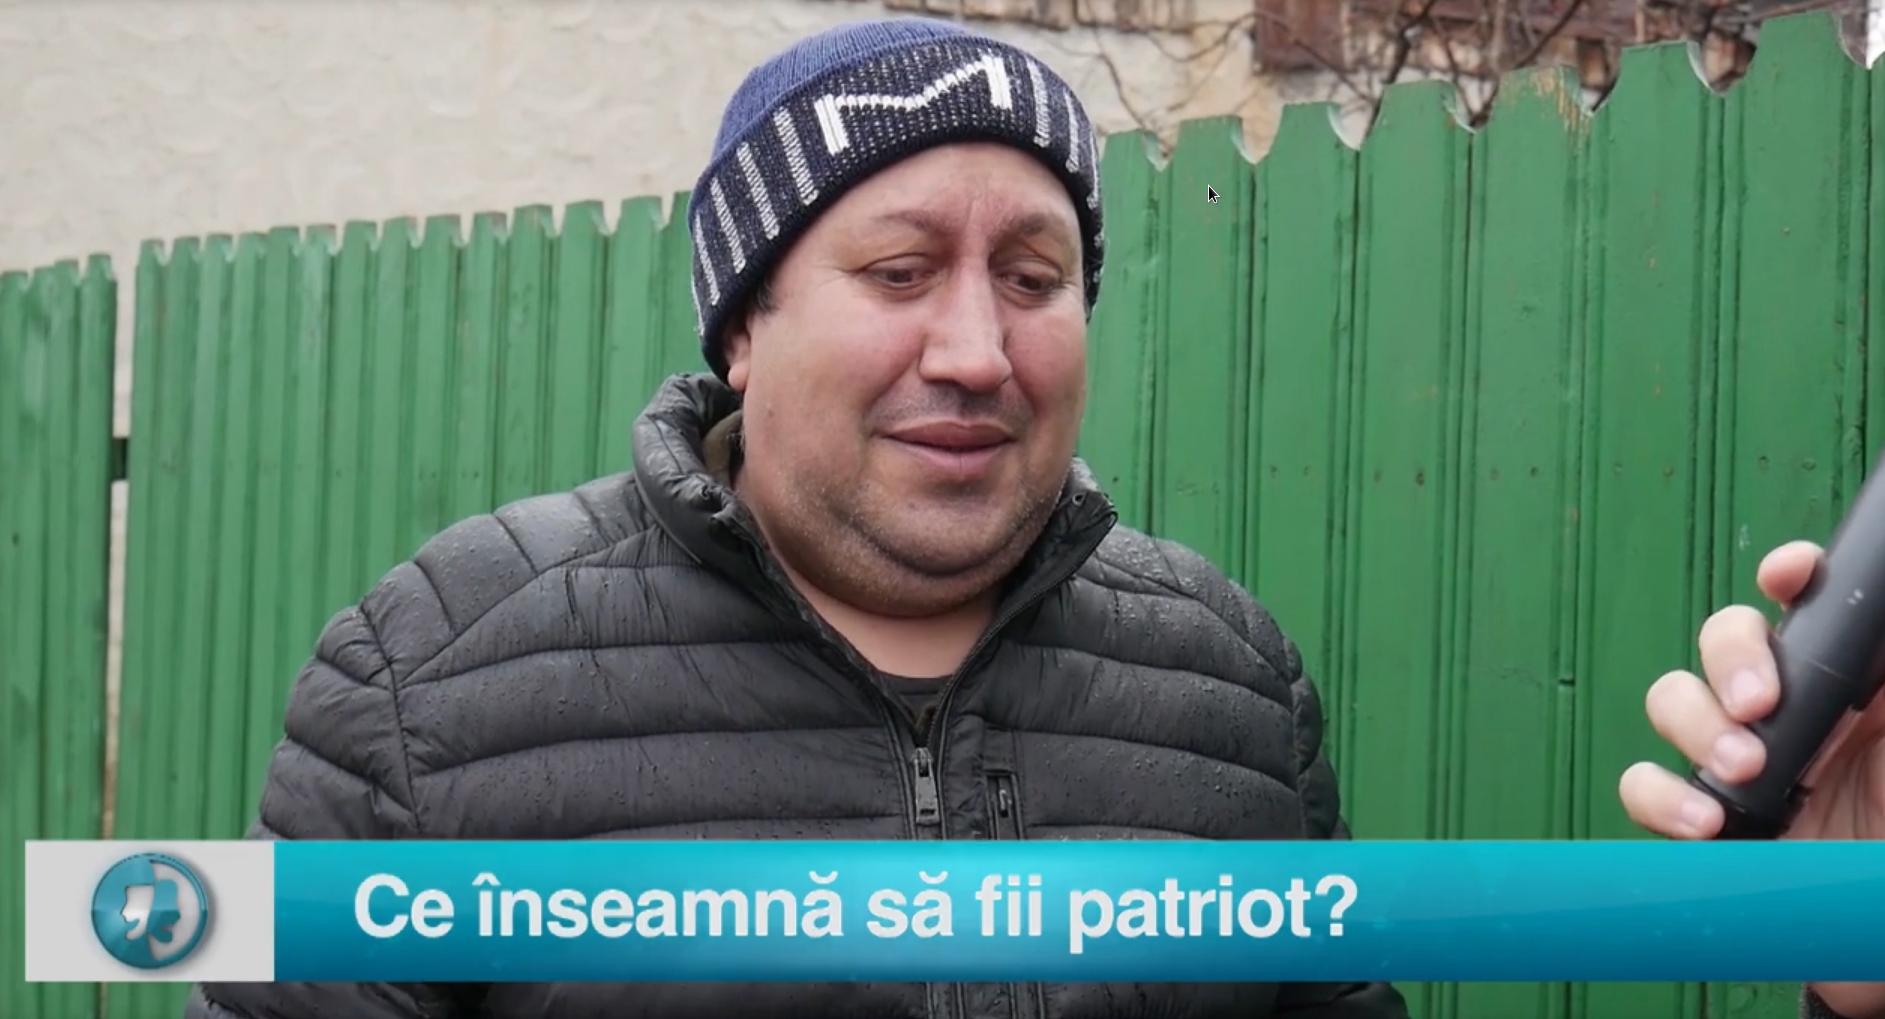 Vax populi: Ce înseamnă să fii patriot?